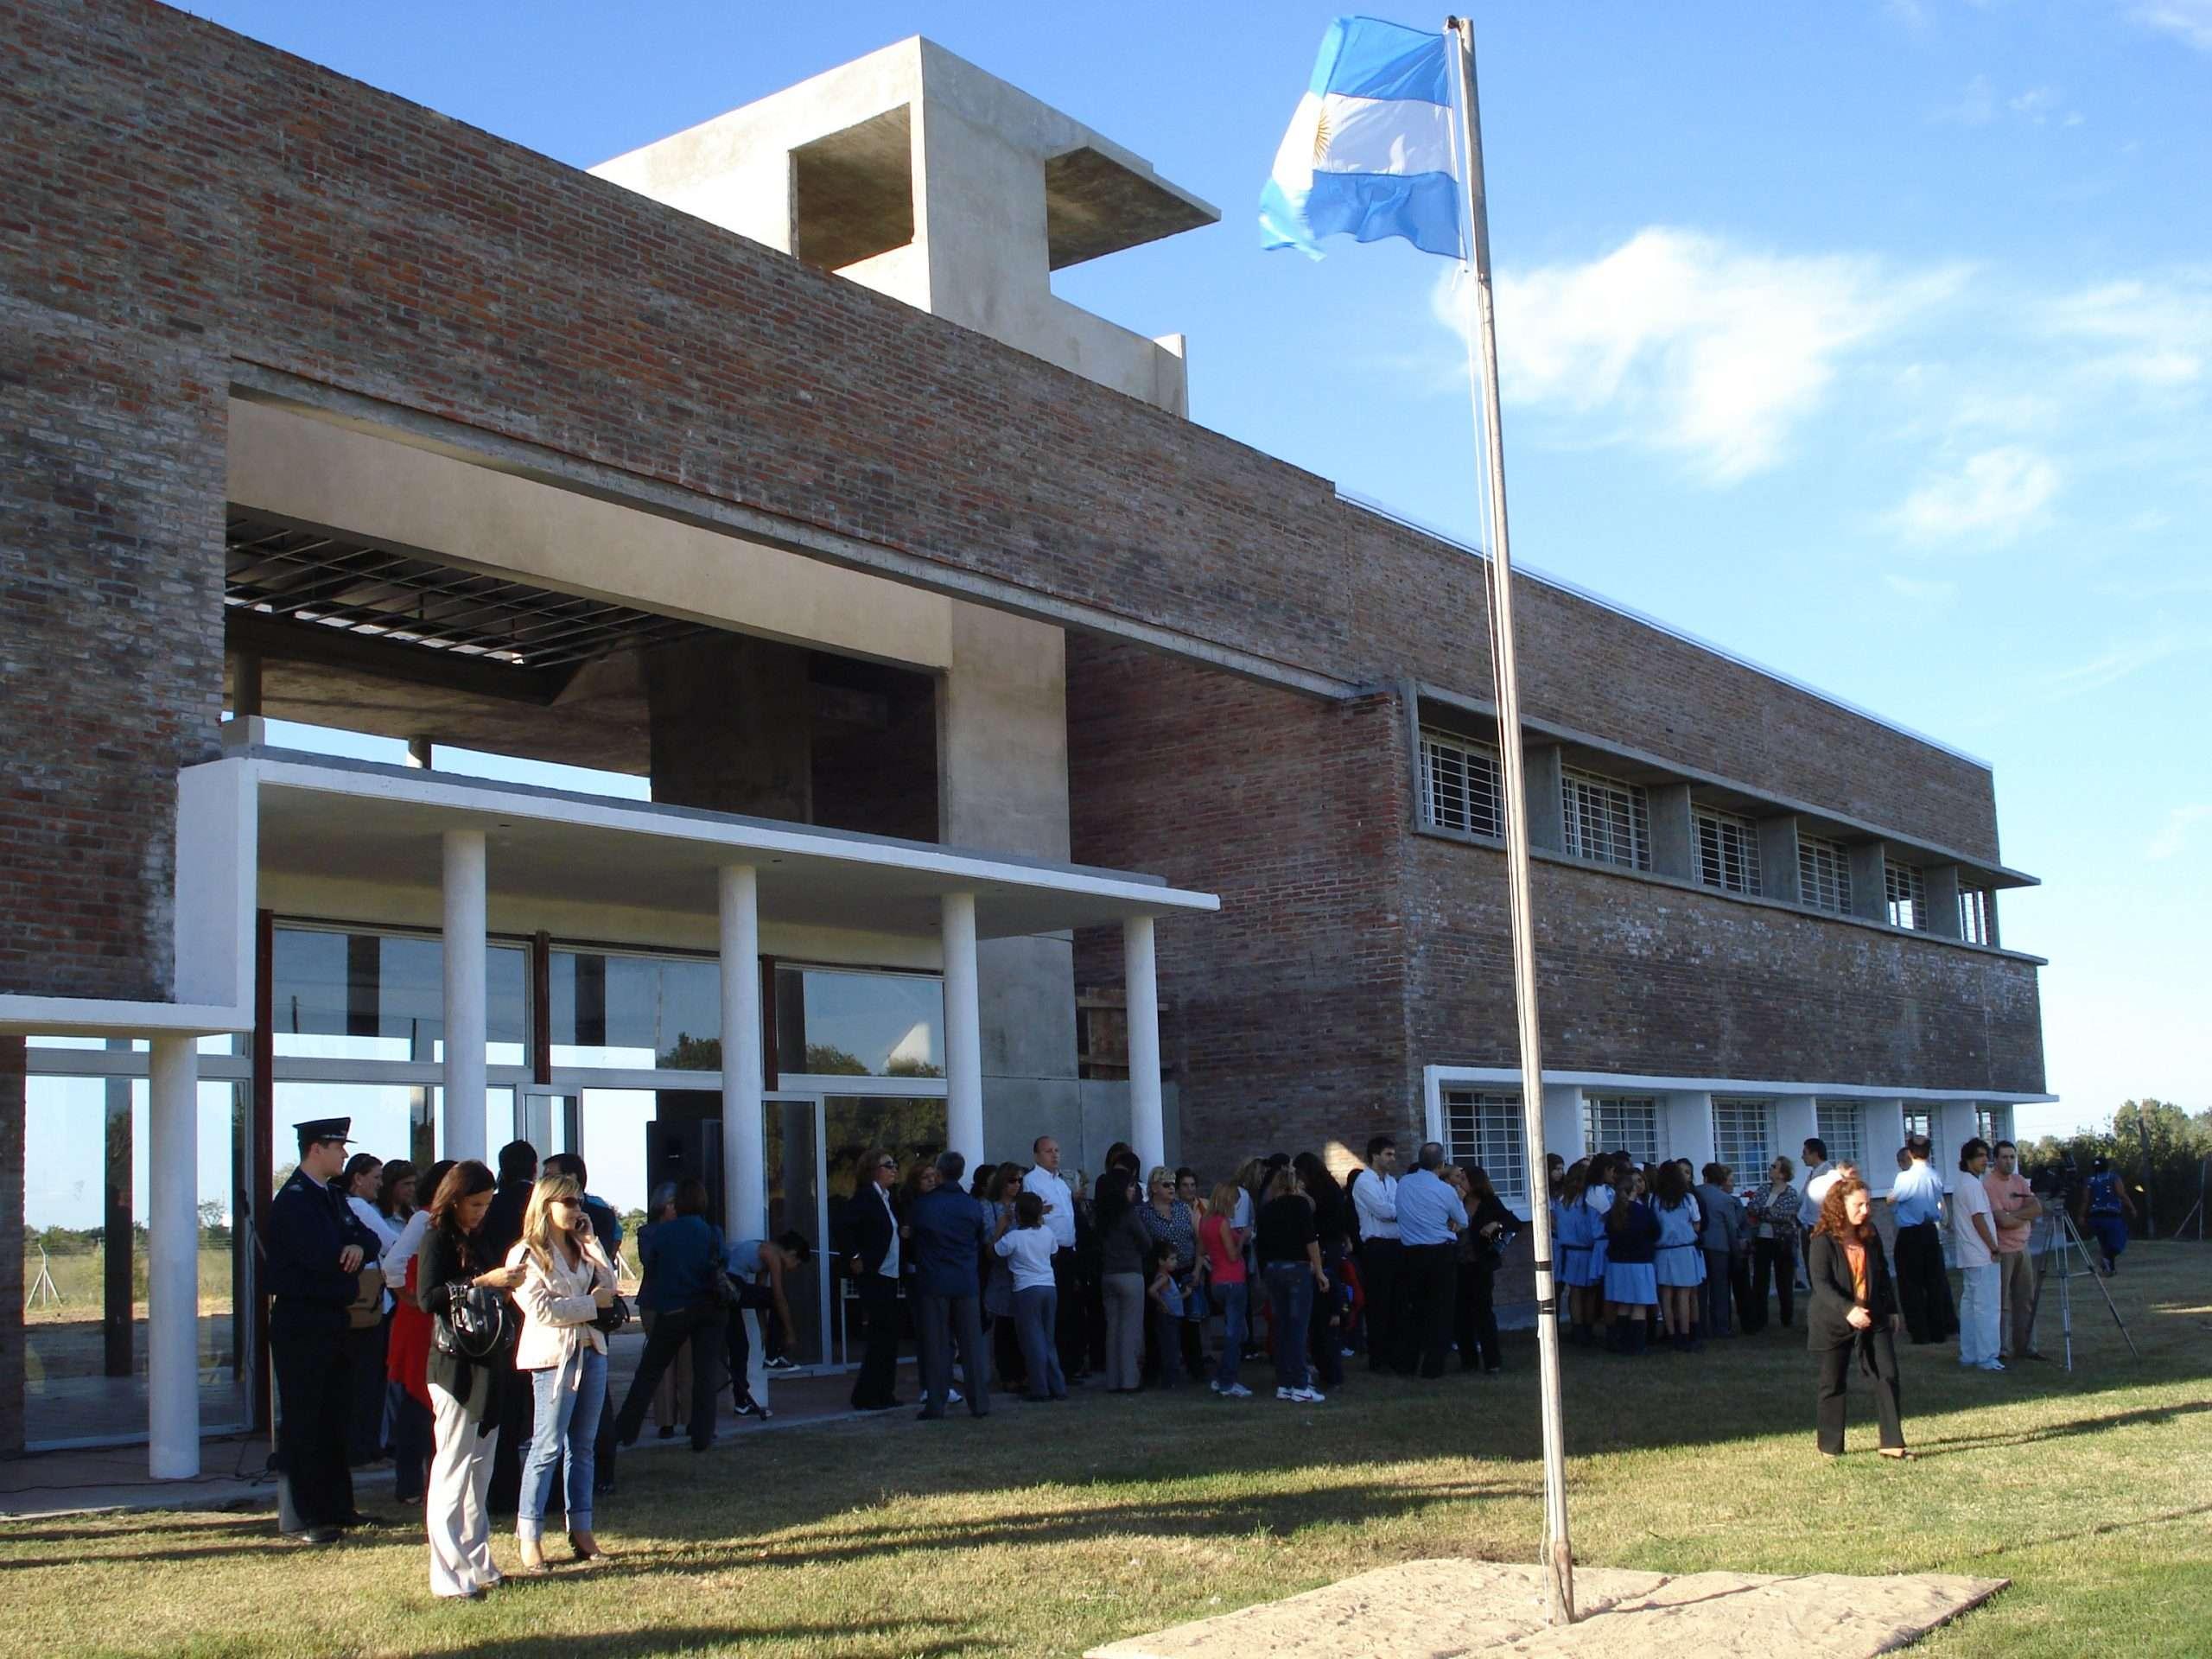 1 - Centro educacional para la formación integral de jóvenes Cuatro Vientos